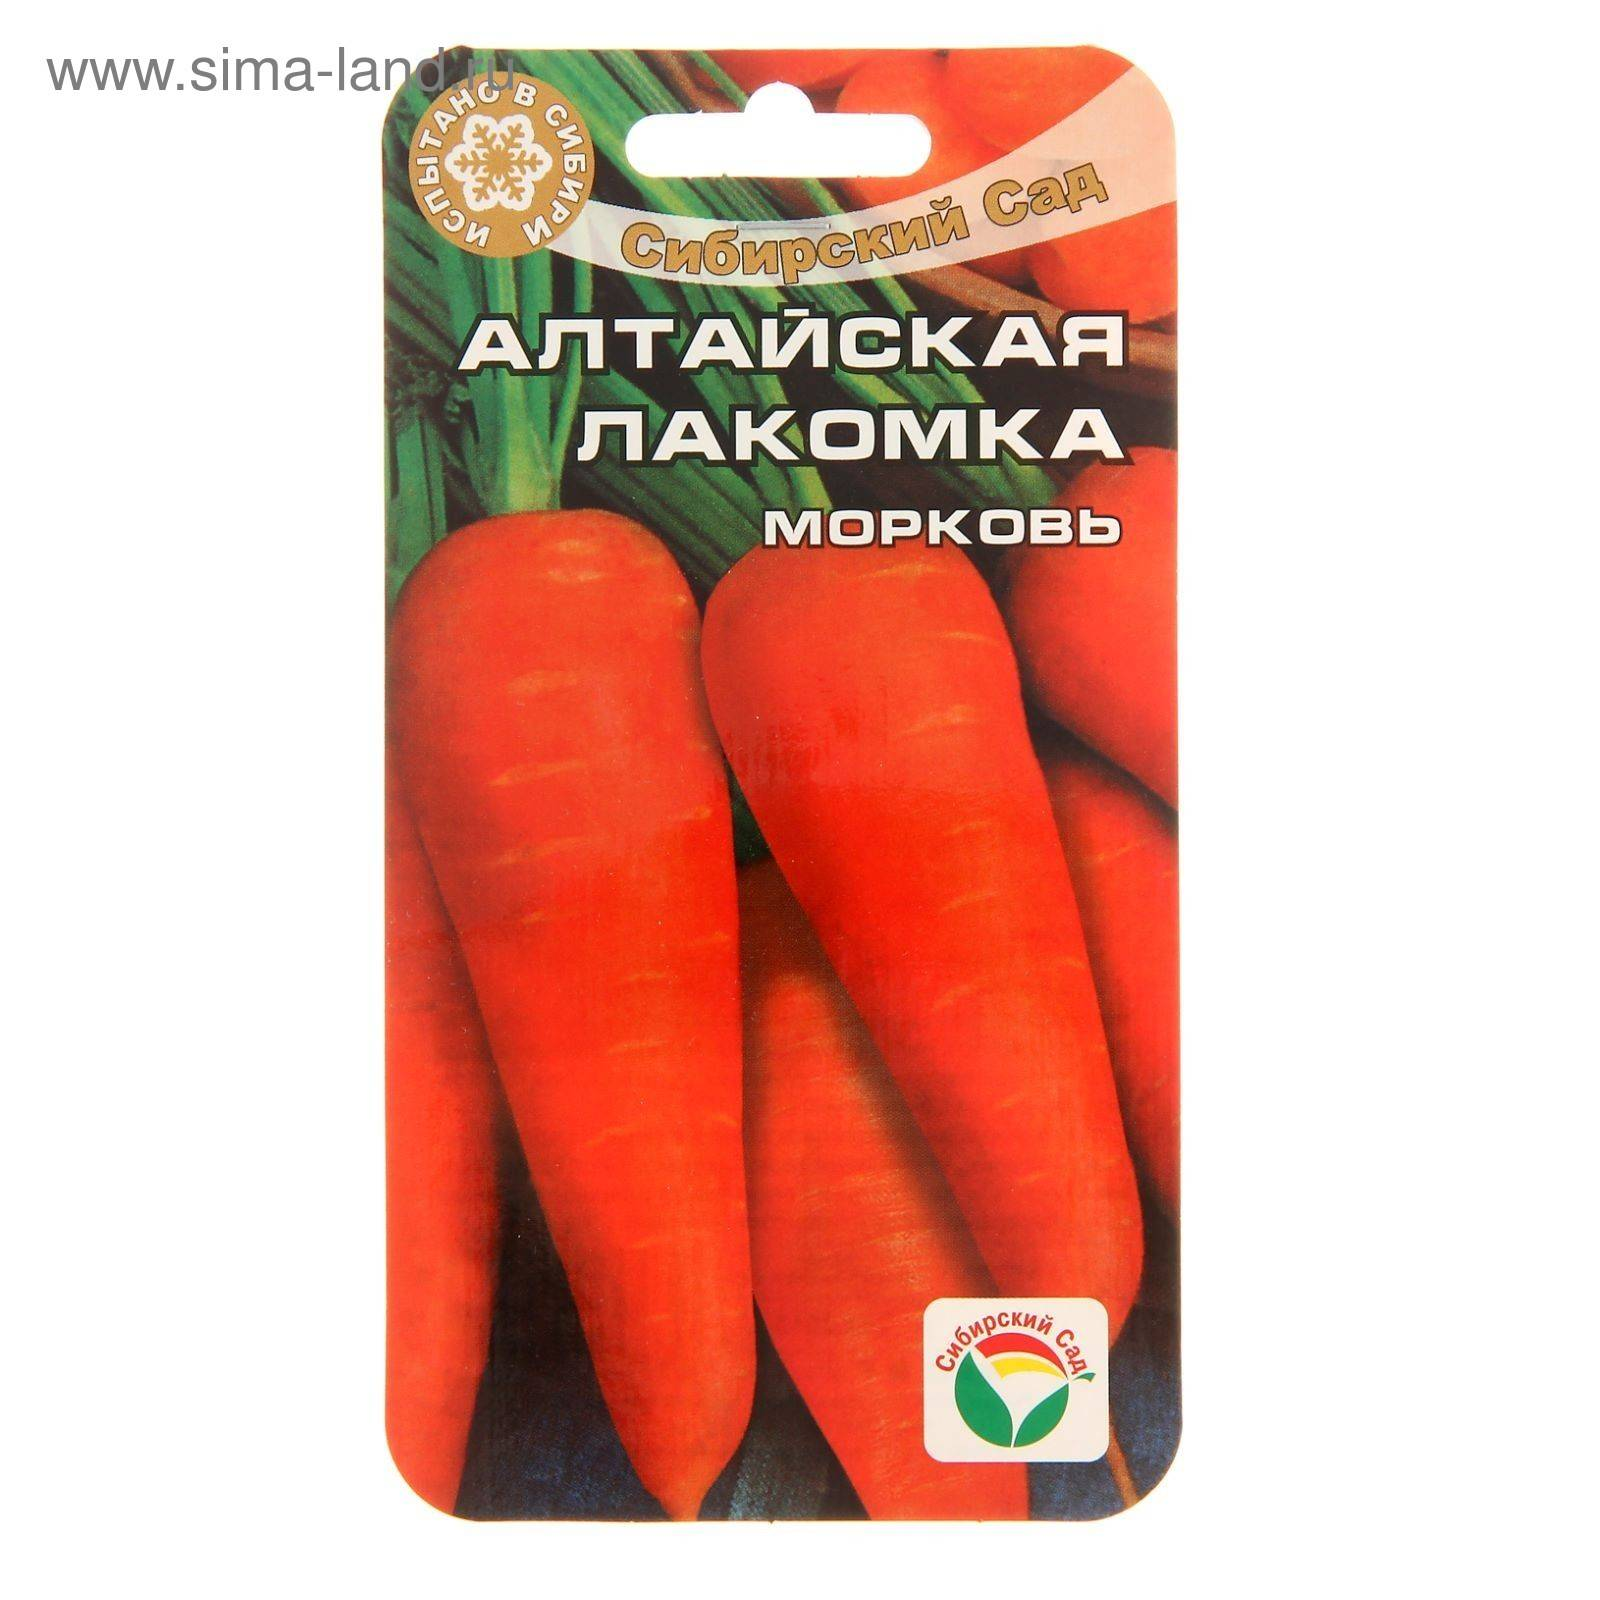 Описание и характеристики моркови сорта алтайская лакомка